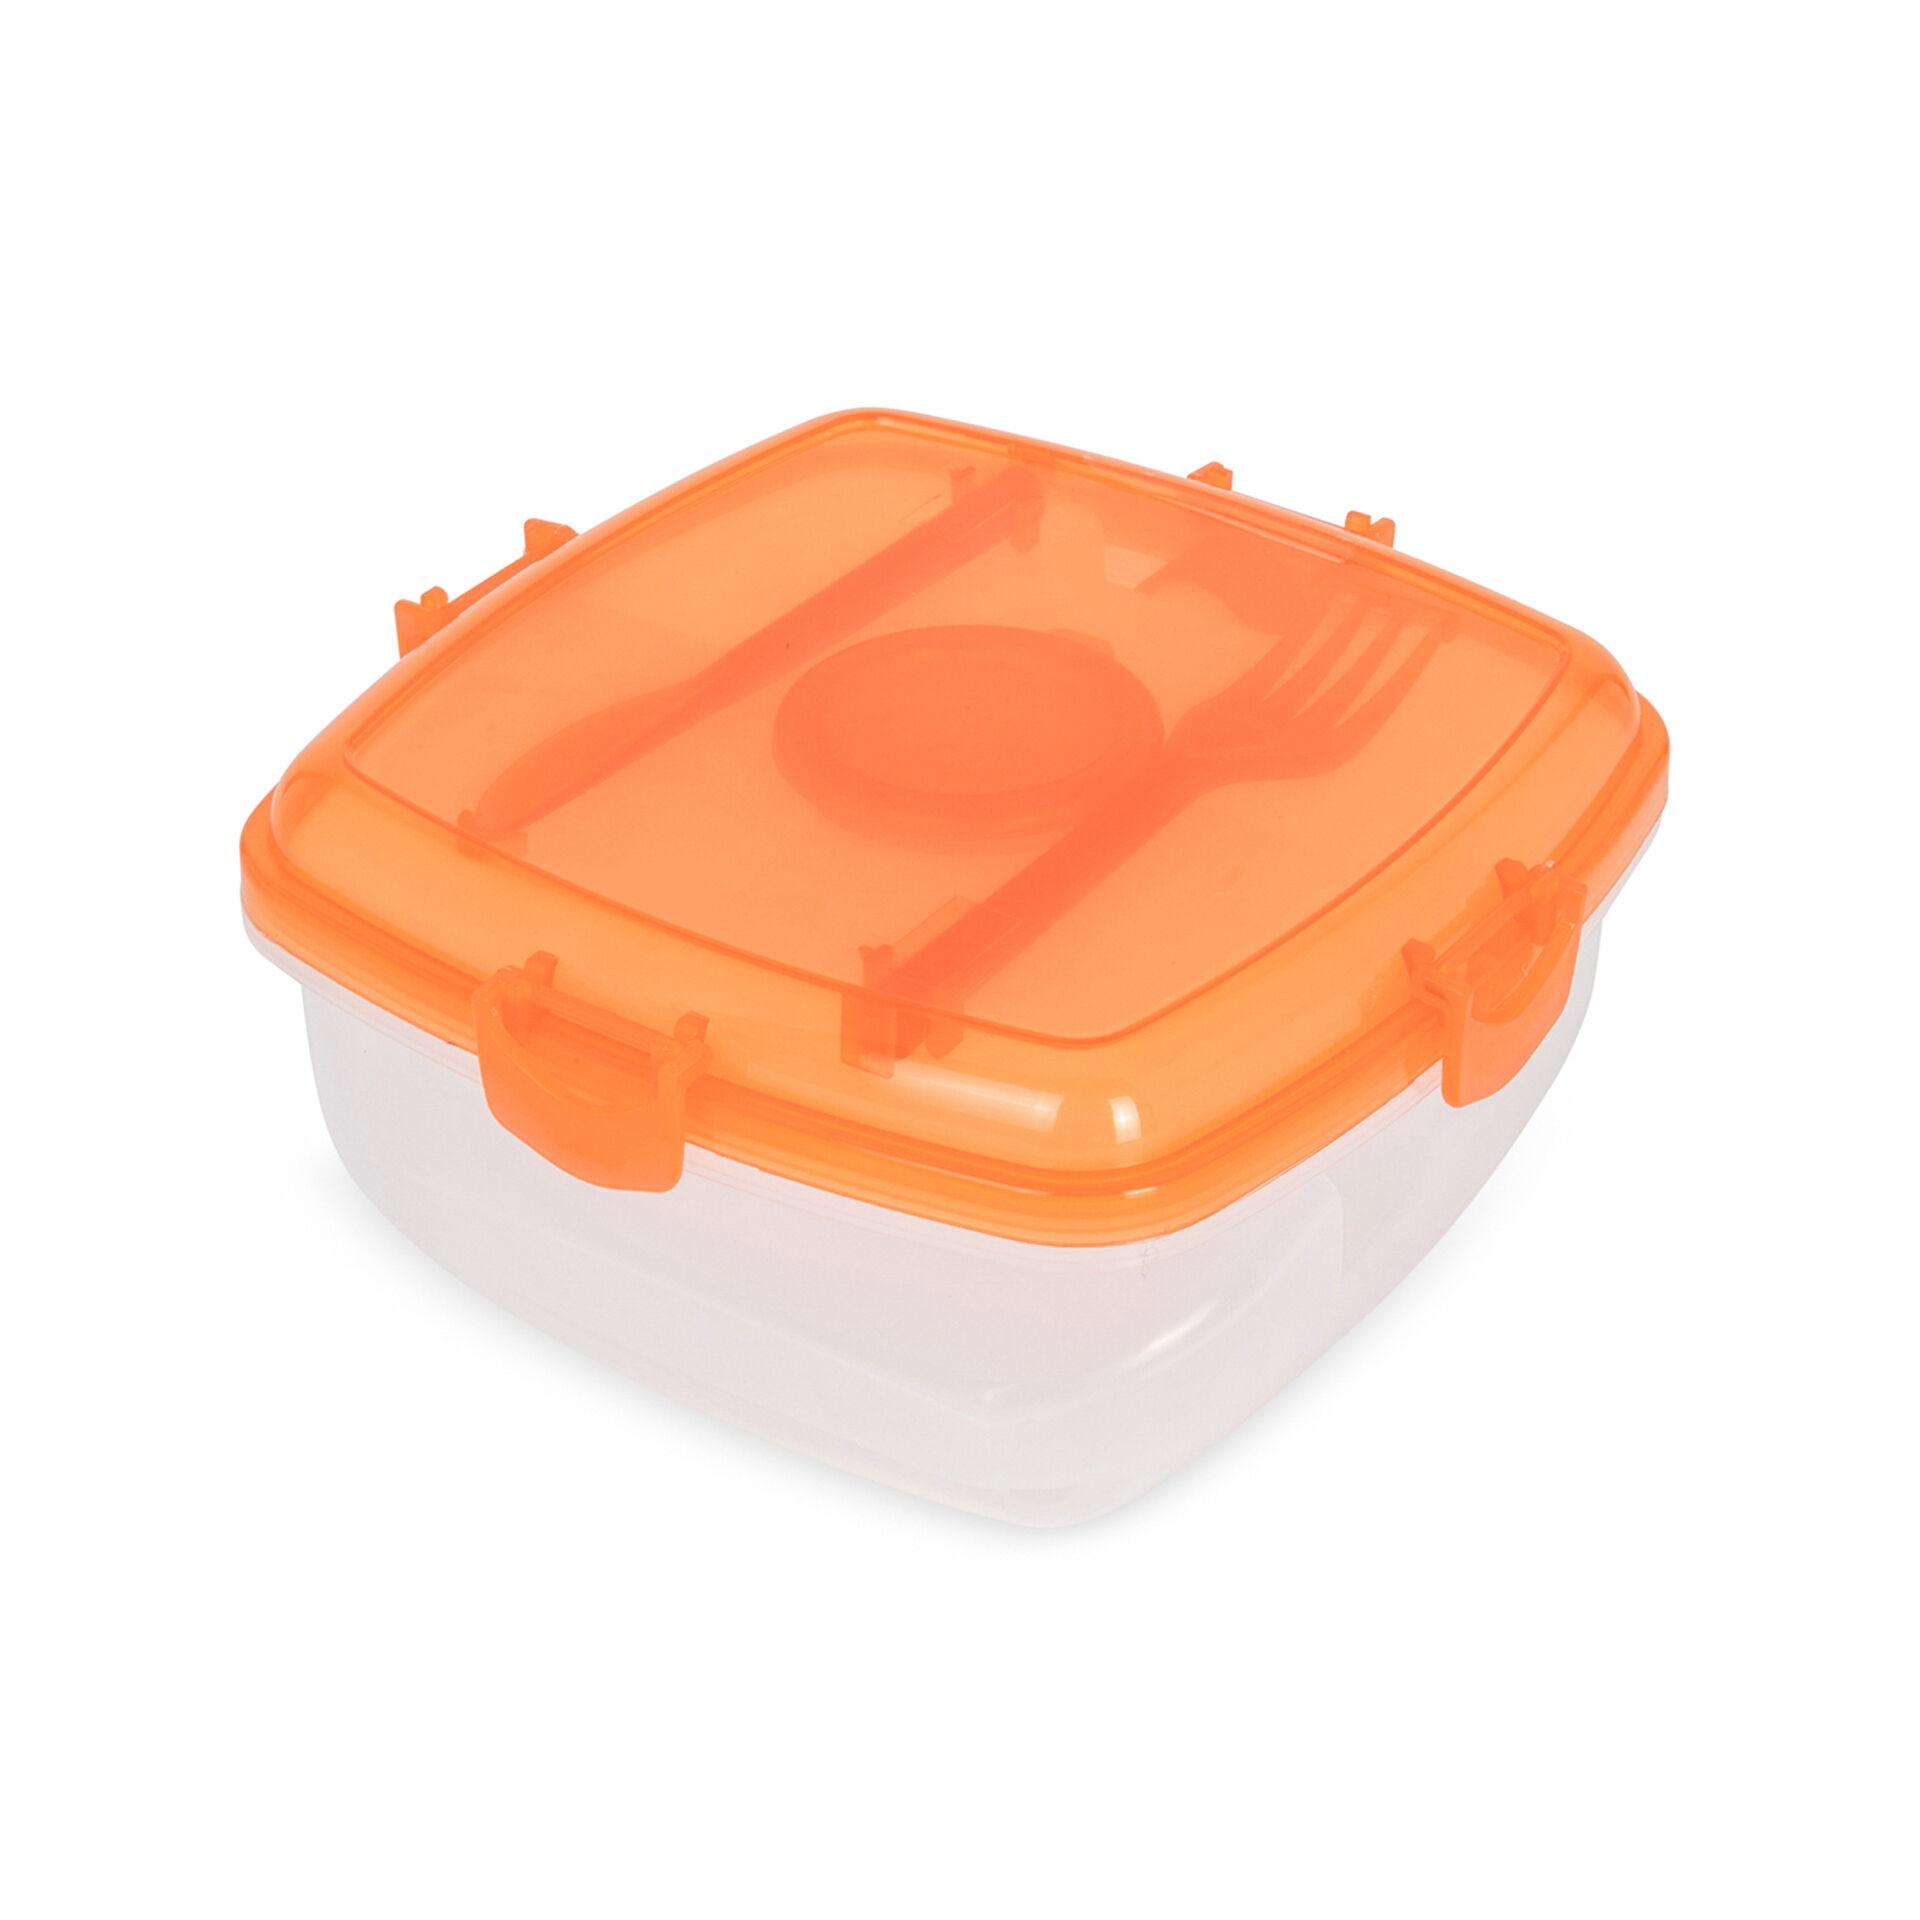 Lunch box pour micro ondes couleur orange, orange, large